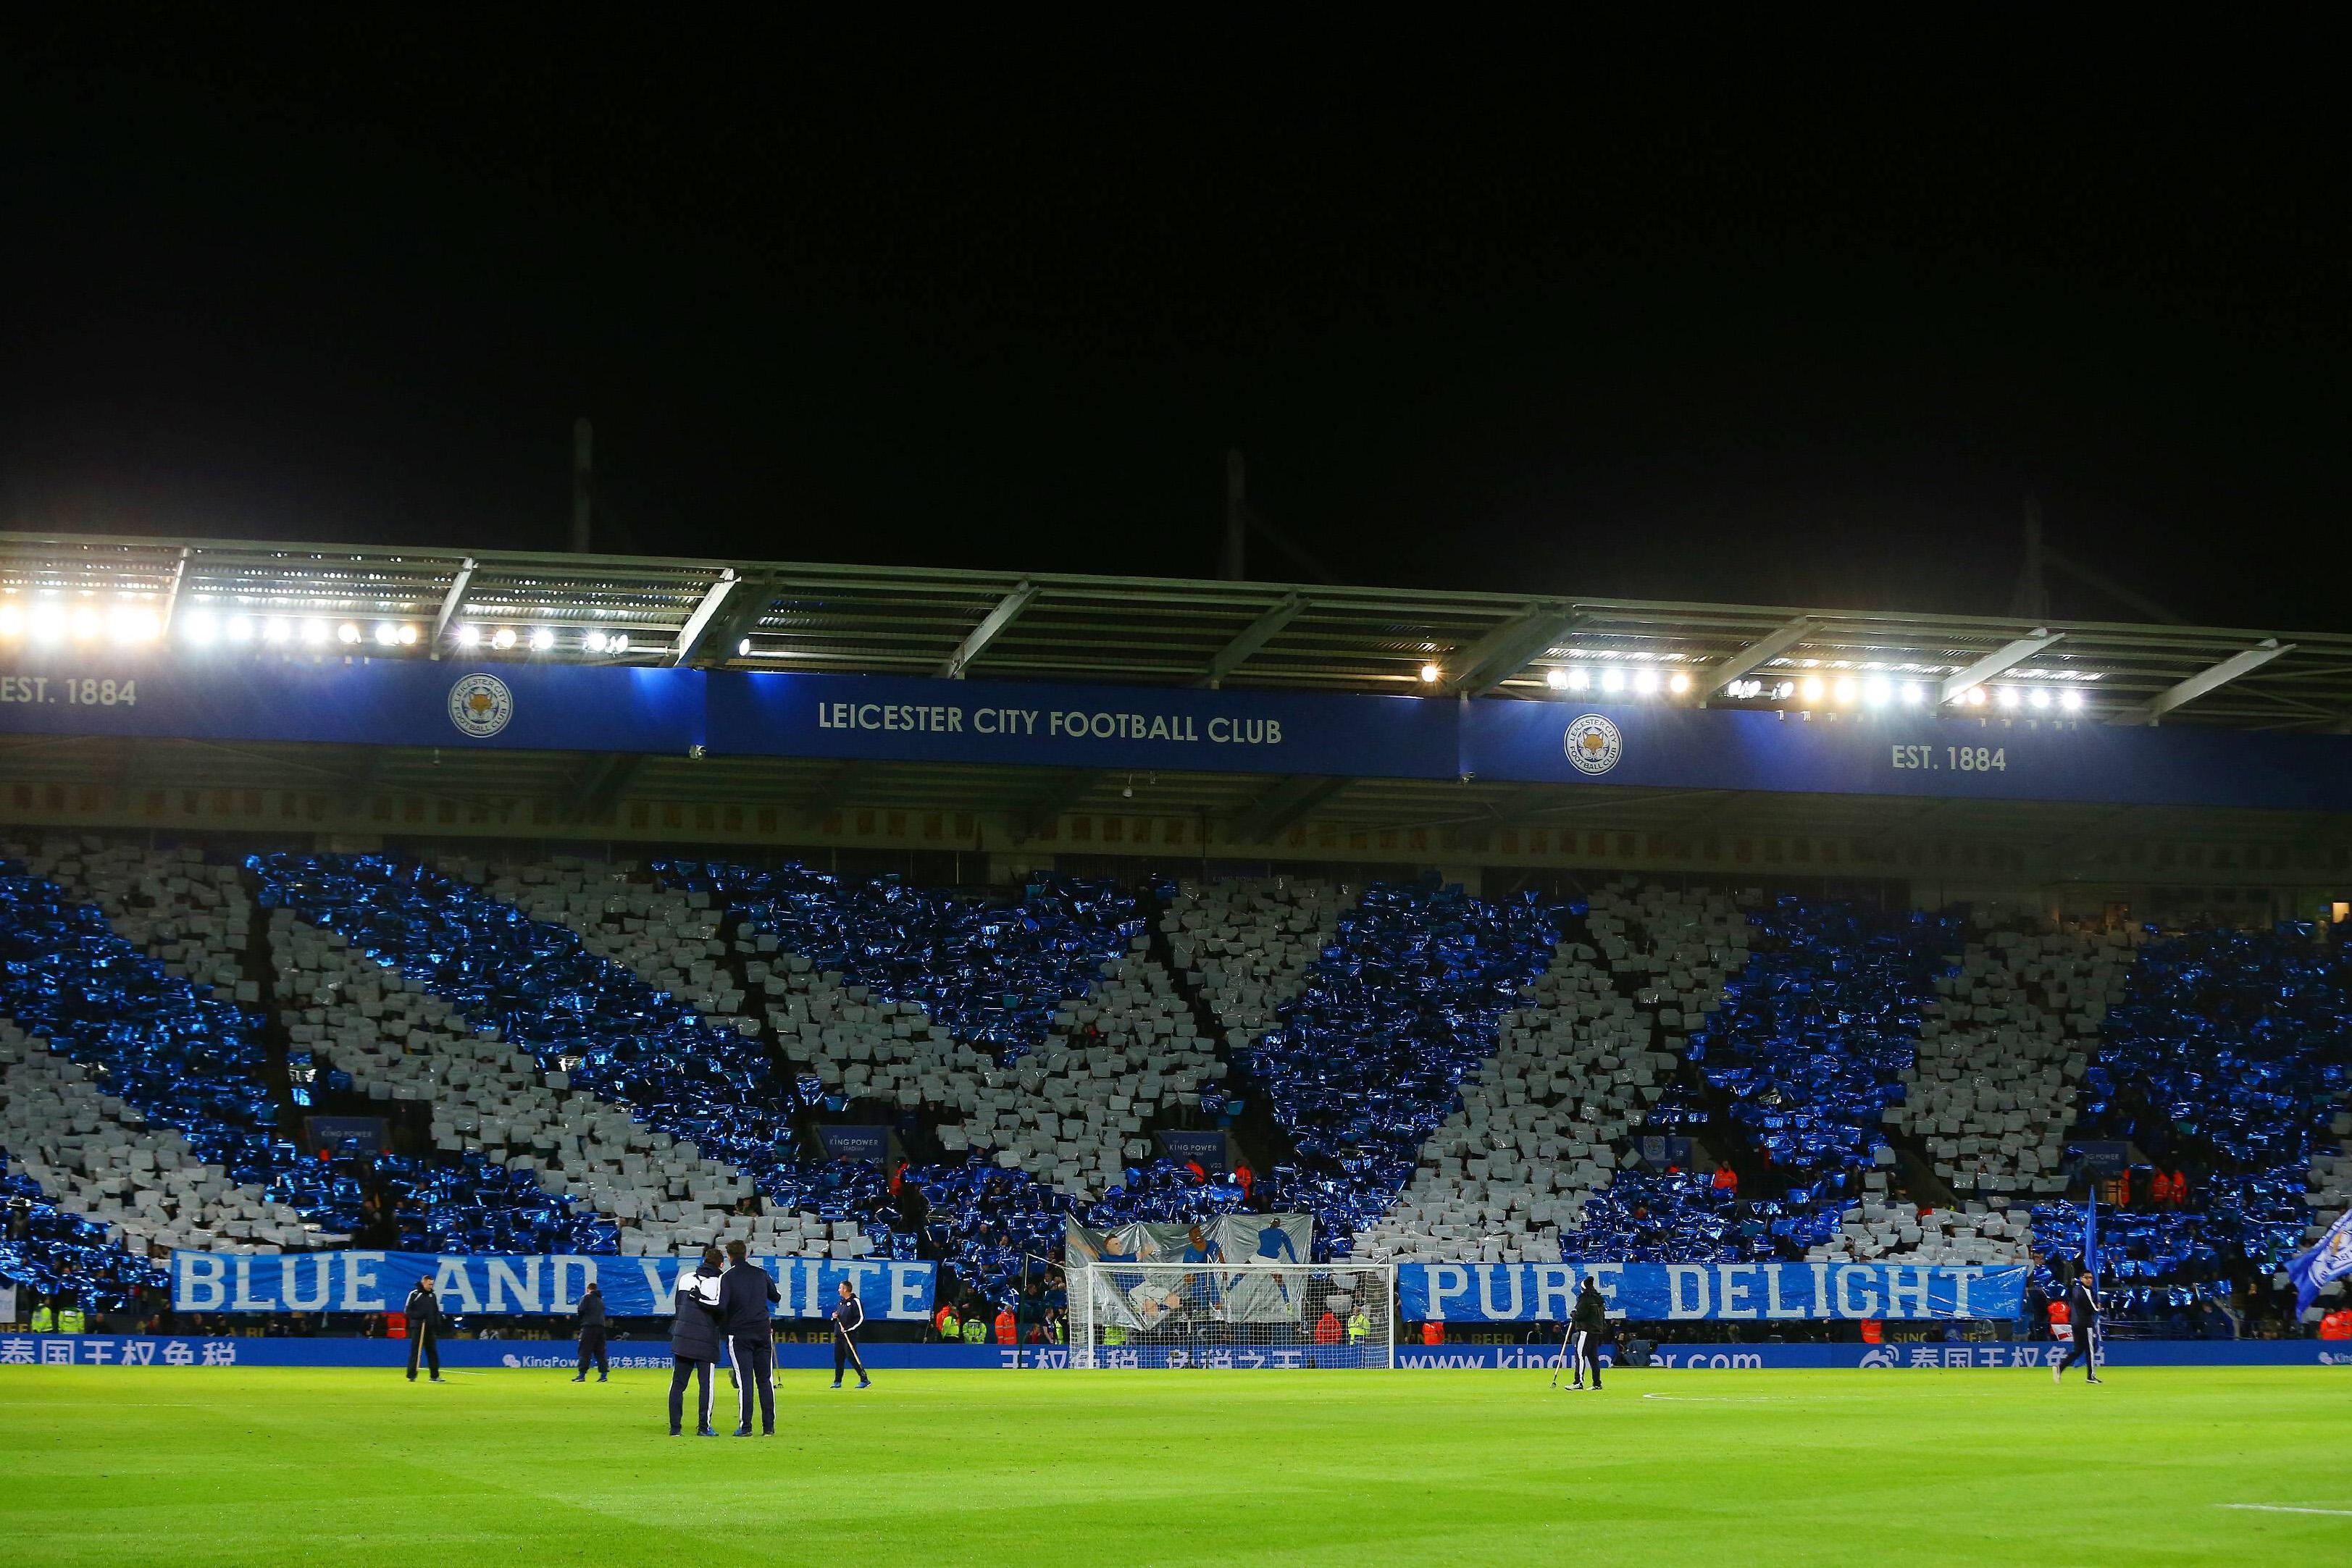 Leicester sotto shock: si schianta l'elicottero del presidente